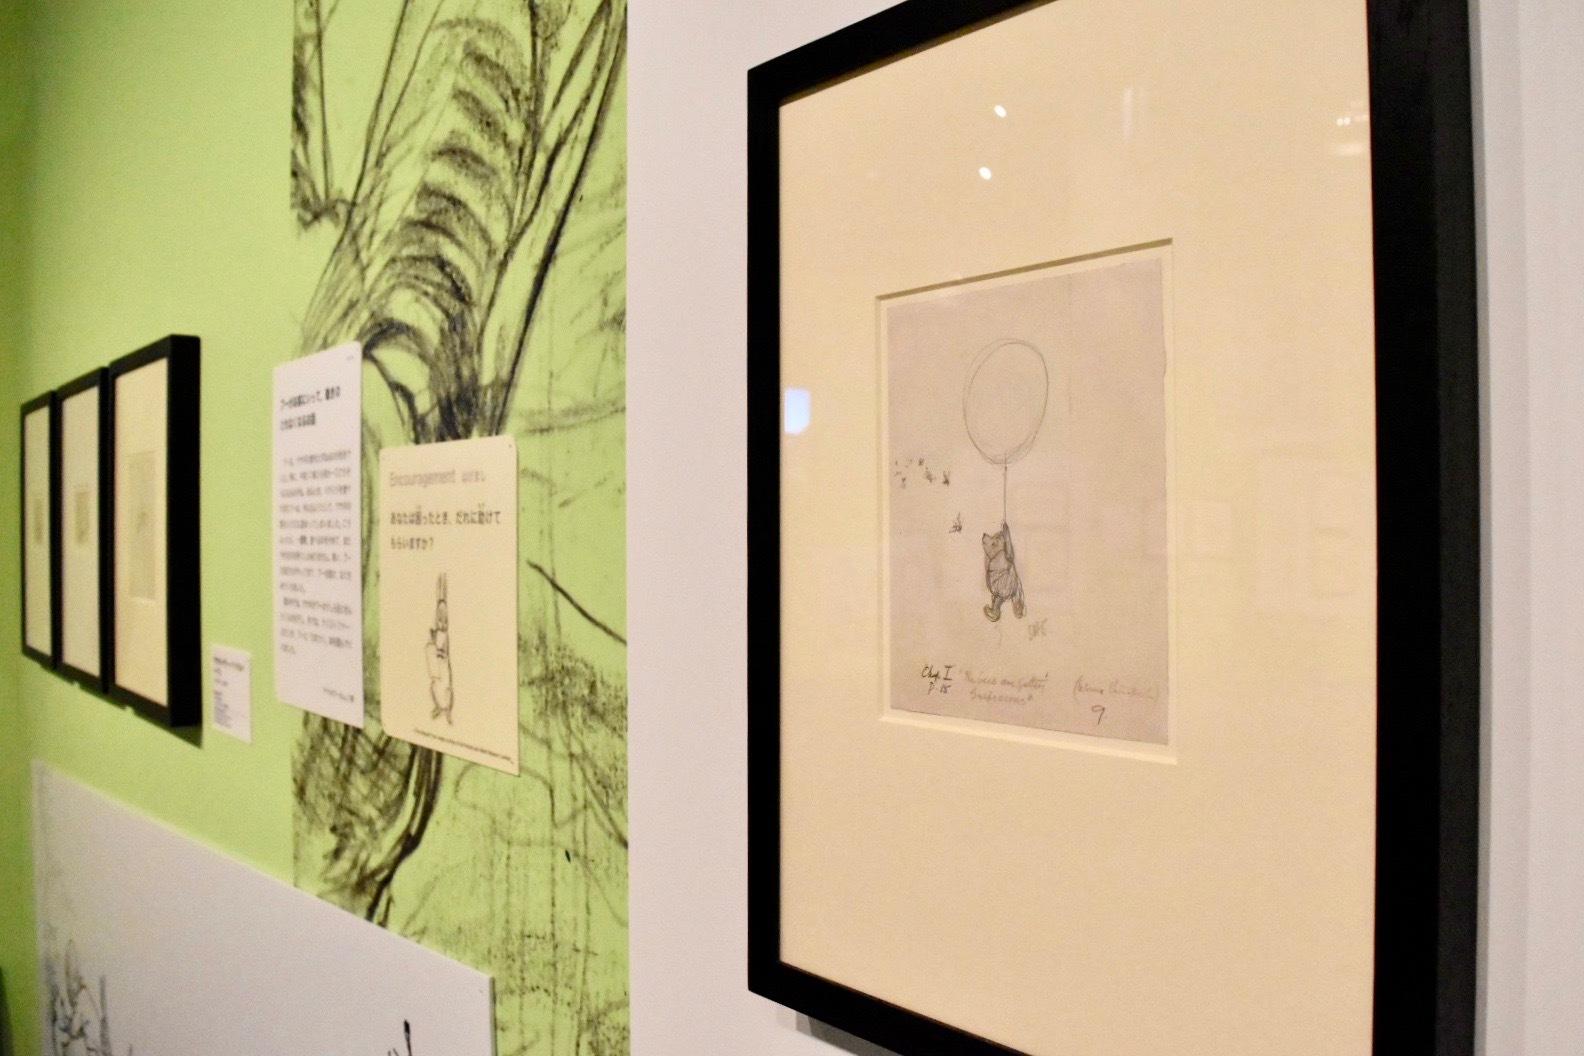 E.H.シェパード 「ハチのやつ、なにか、うたぐってるようですよ」『クマのプーさん』1章 1926年 ヴィクトリア&アルバート博物館所蔵